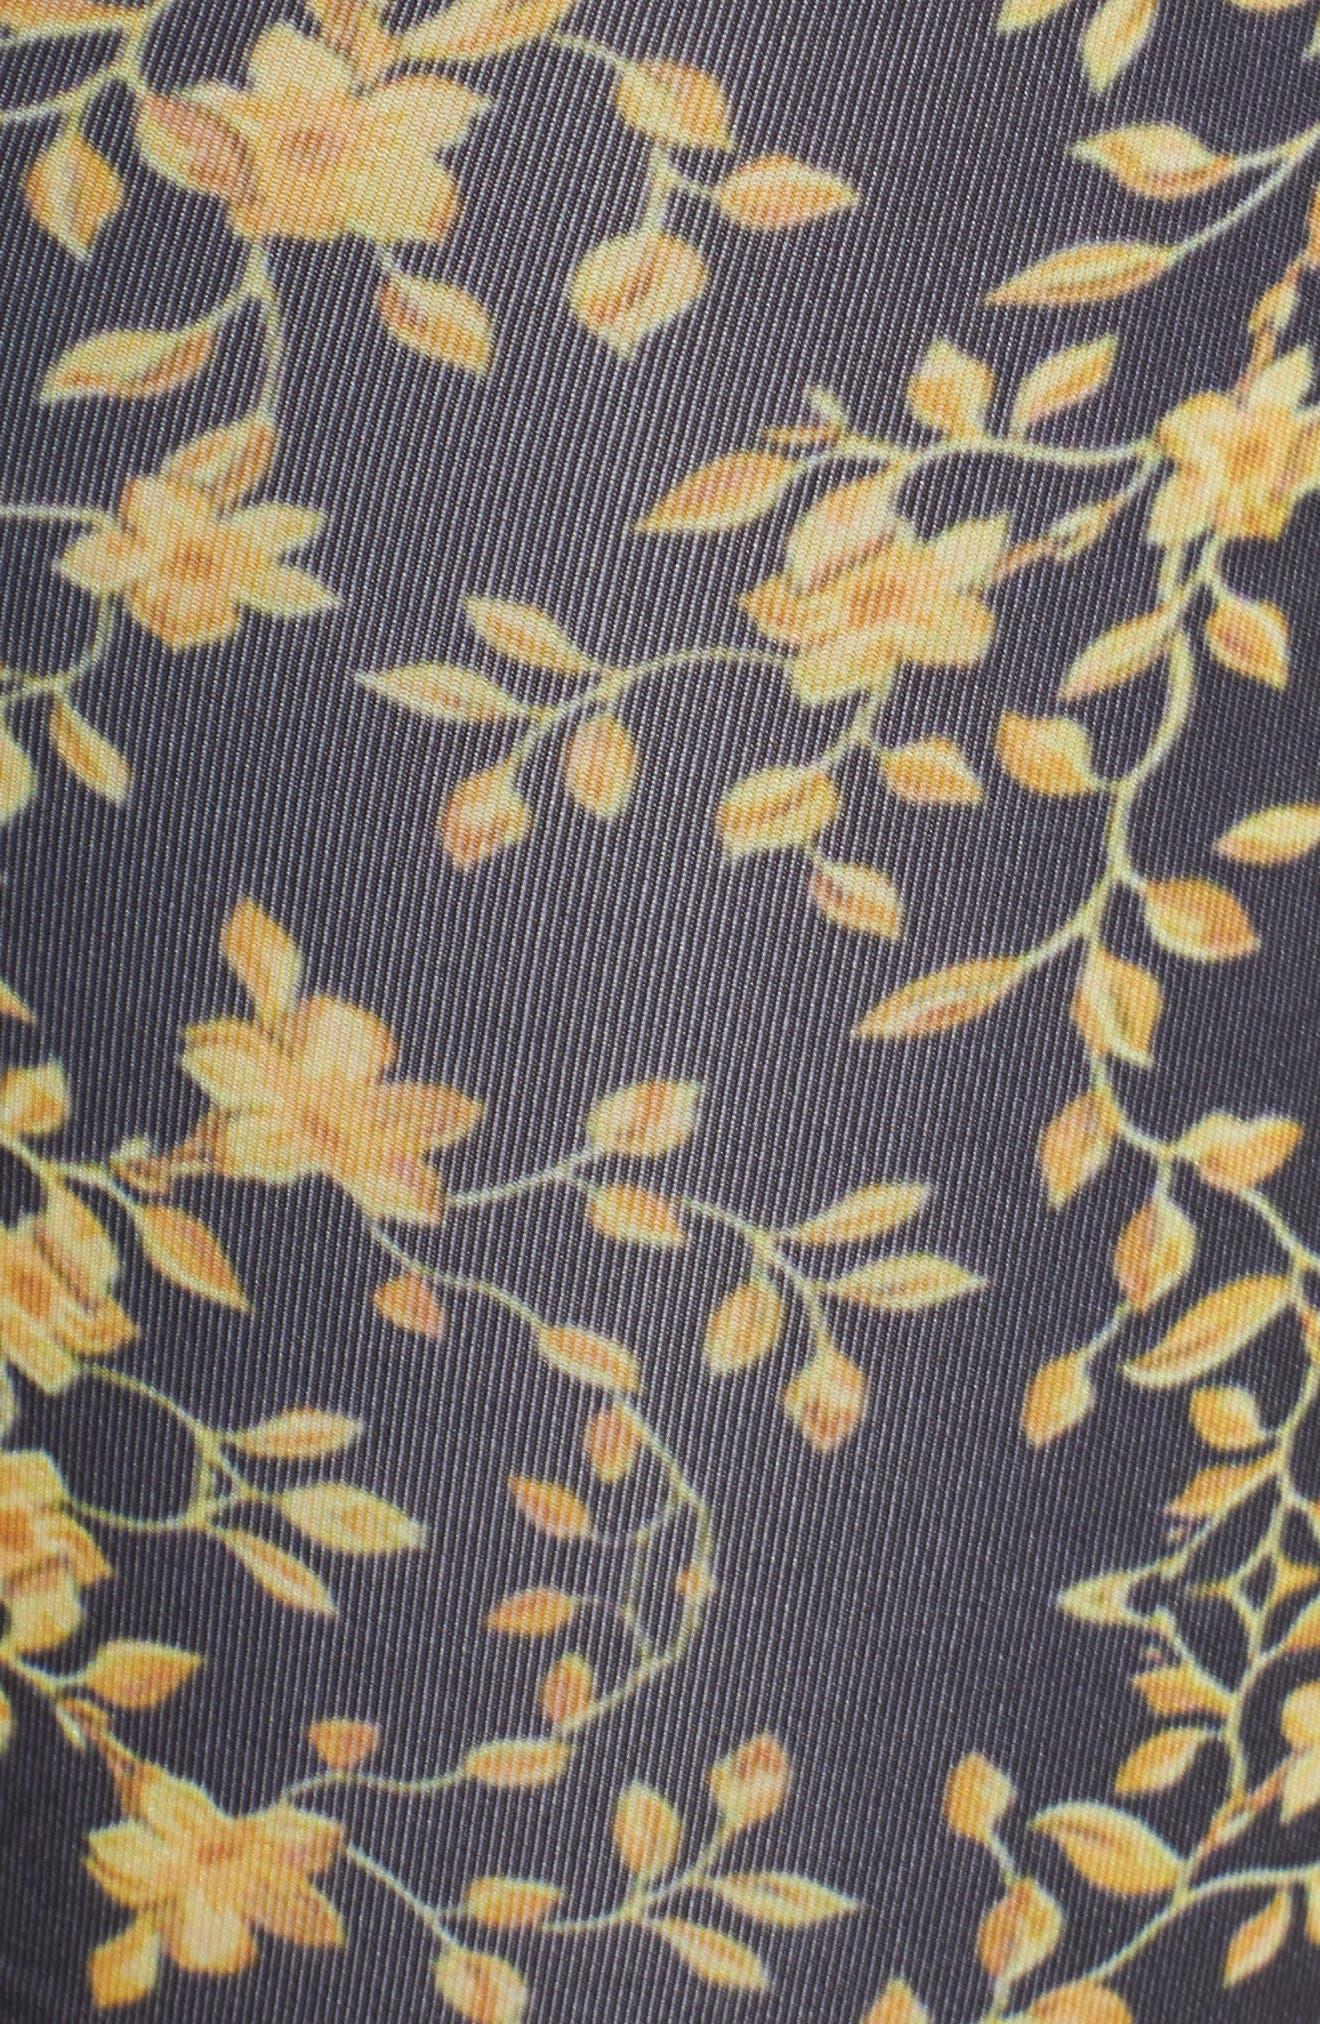 Flower Sace Boxer Briefs,                             Alternate thumbnail 5, color,                             BLACK/ GOLD